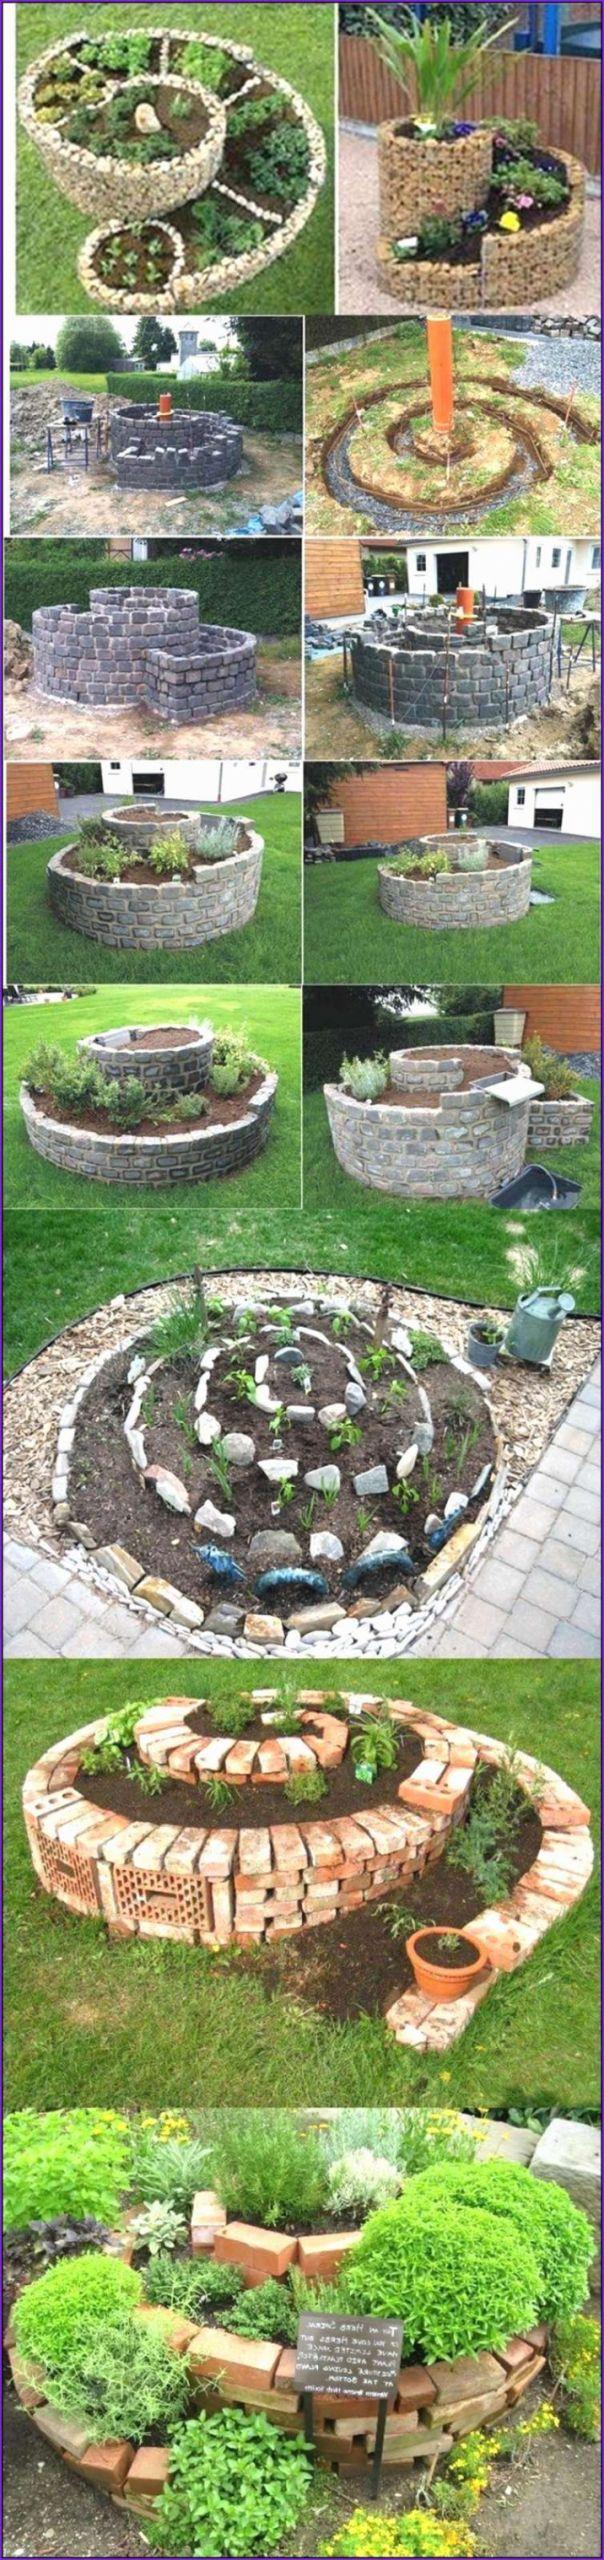 Deko Ideen Mit Steinen Im Garten Einzigartig Gartengestaltung Mit Findlingen — Temobardz Home Blog